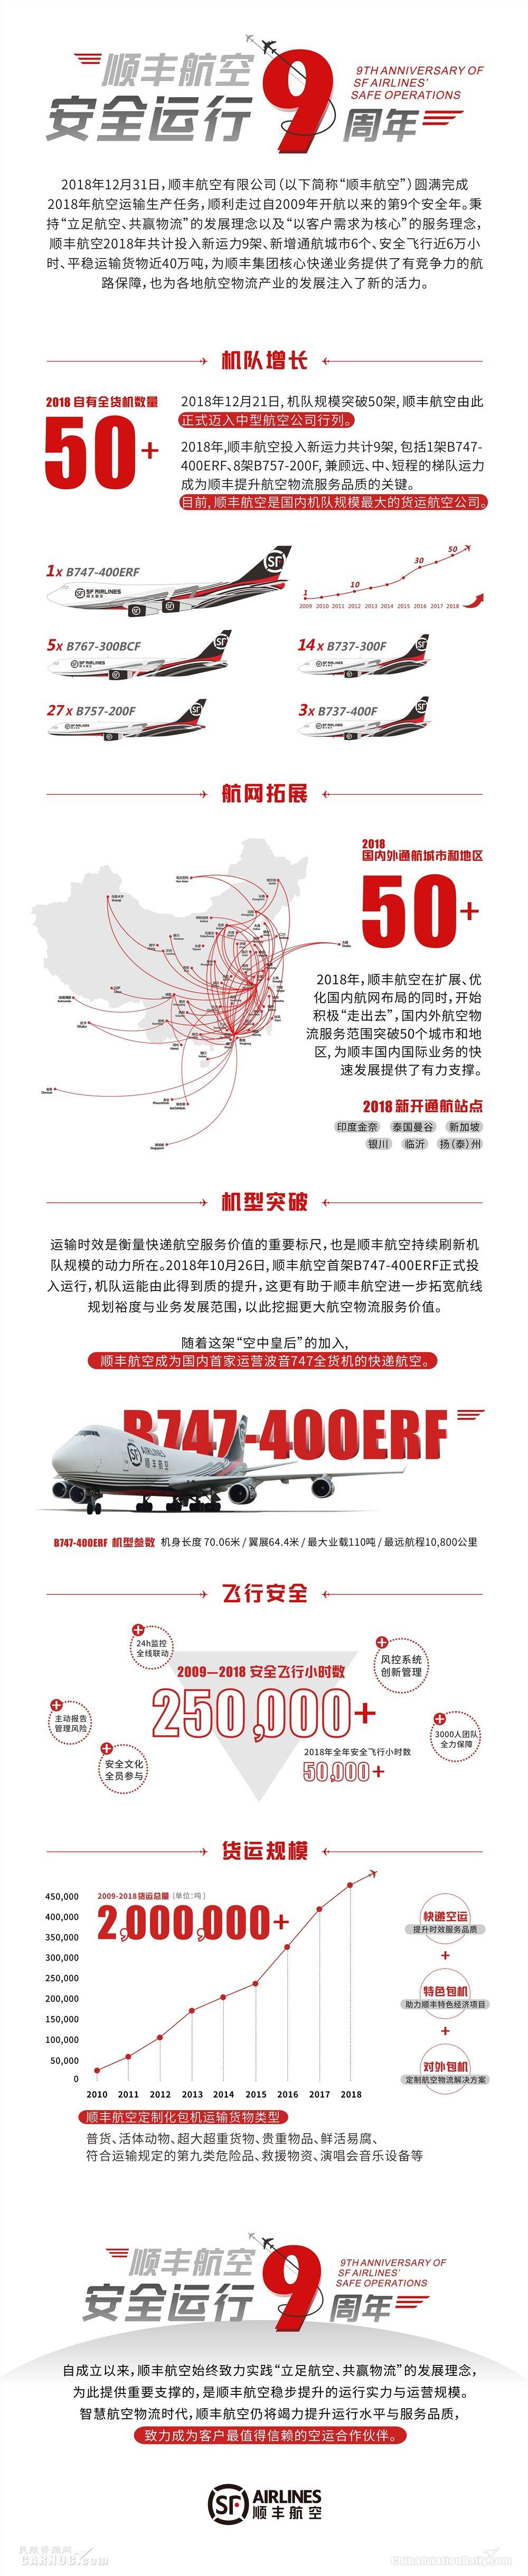 顺丰航空实现安全运行九周年。顺丰航空供图